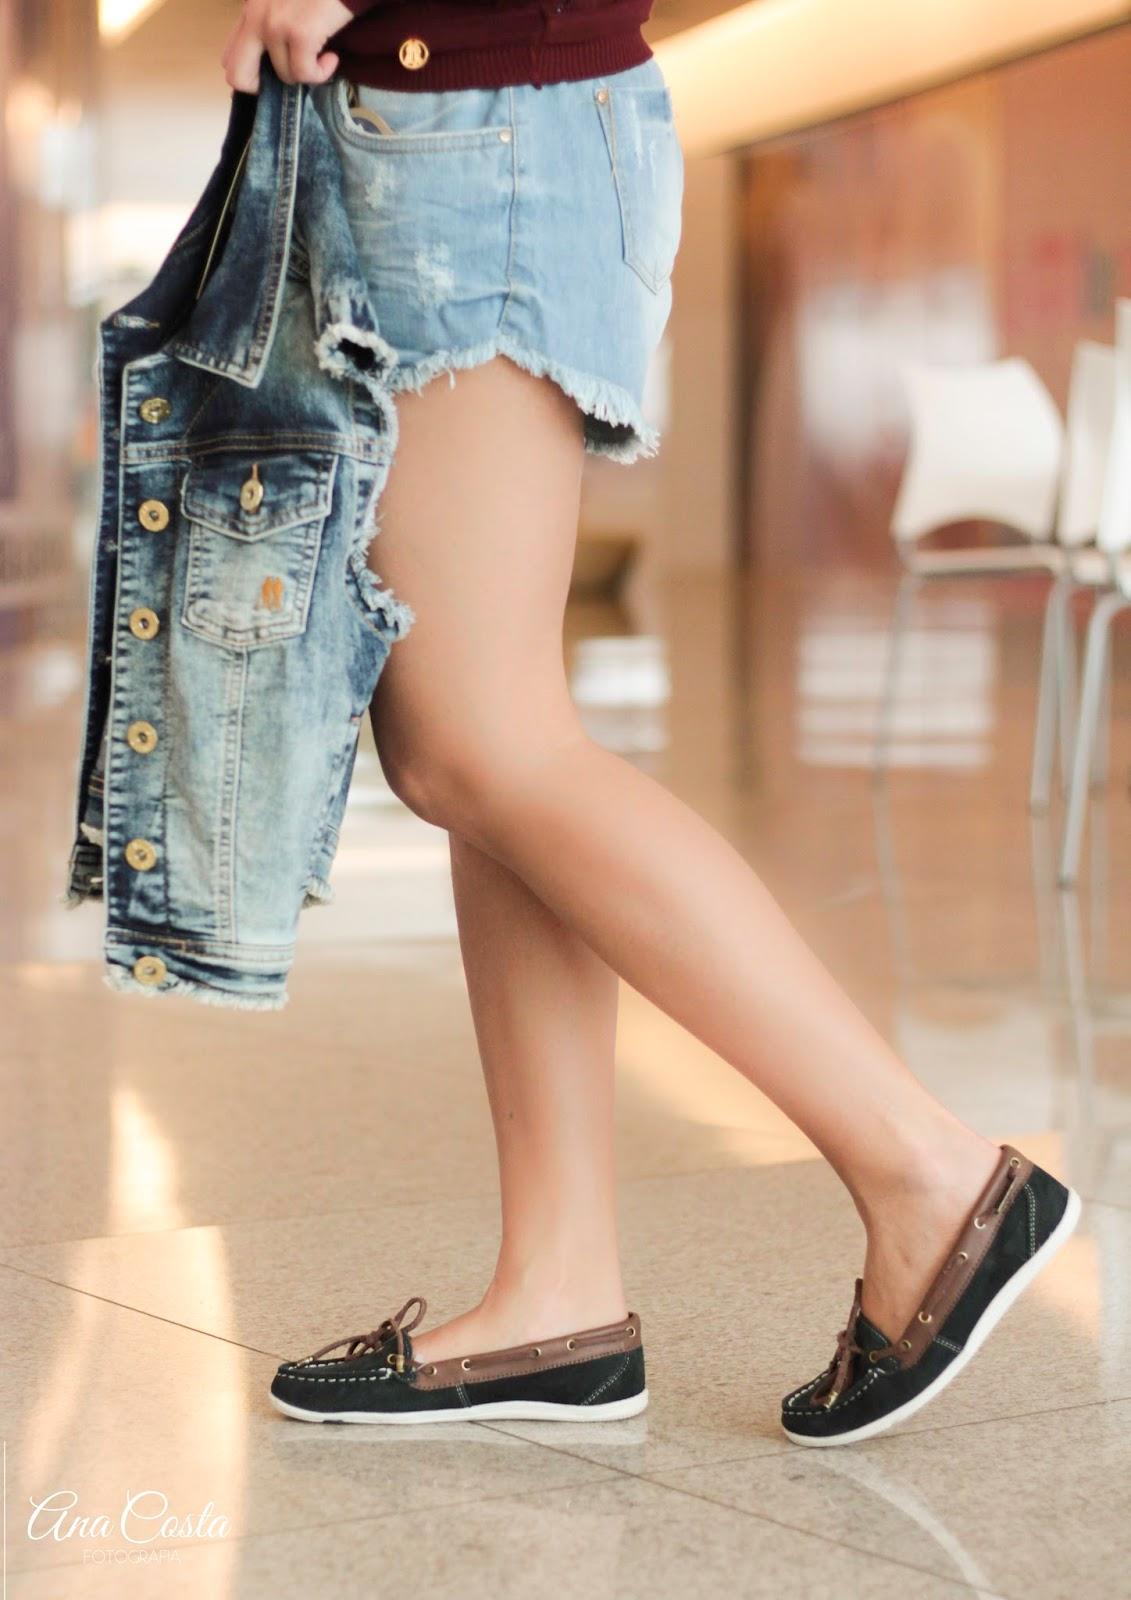 34a41e409d Nos pés vierem esse sapato que é sinônimo de conforto <3 , eu amo esse tipo  de mocassin, eles são lindo, versáteis e estilosos.